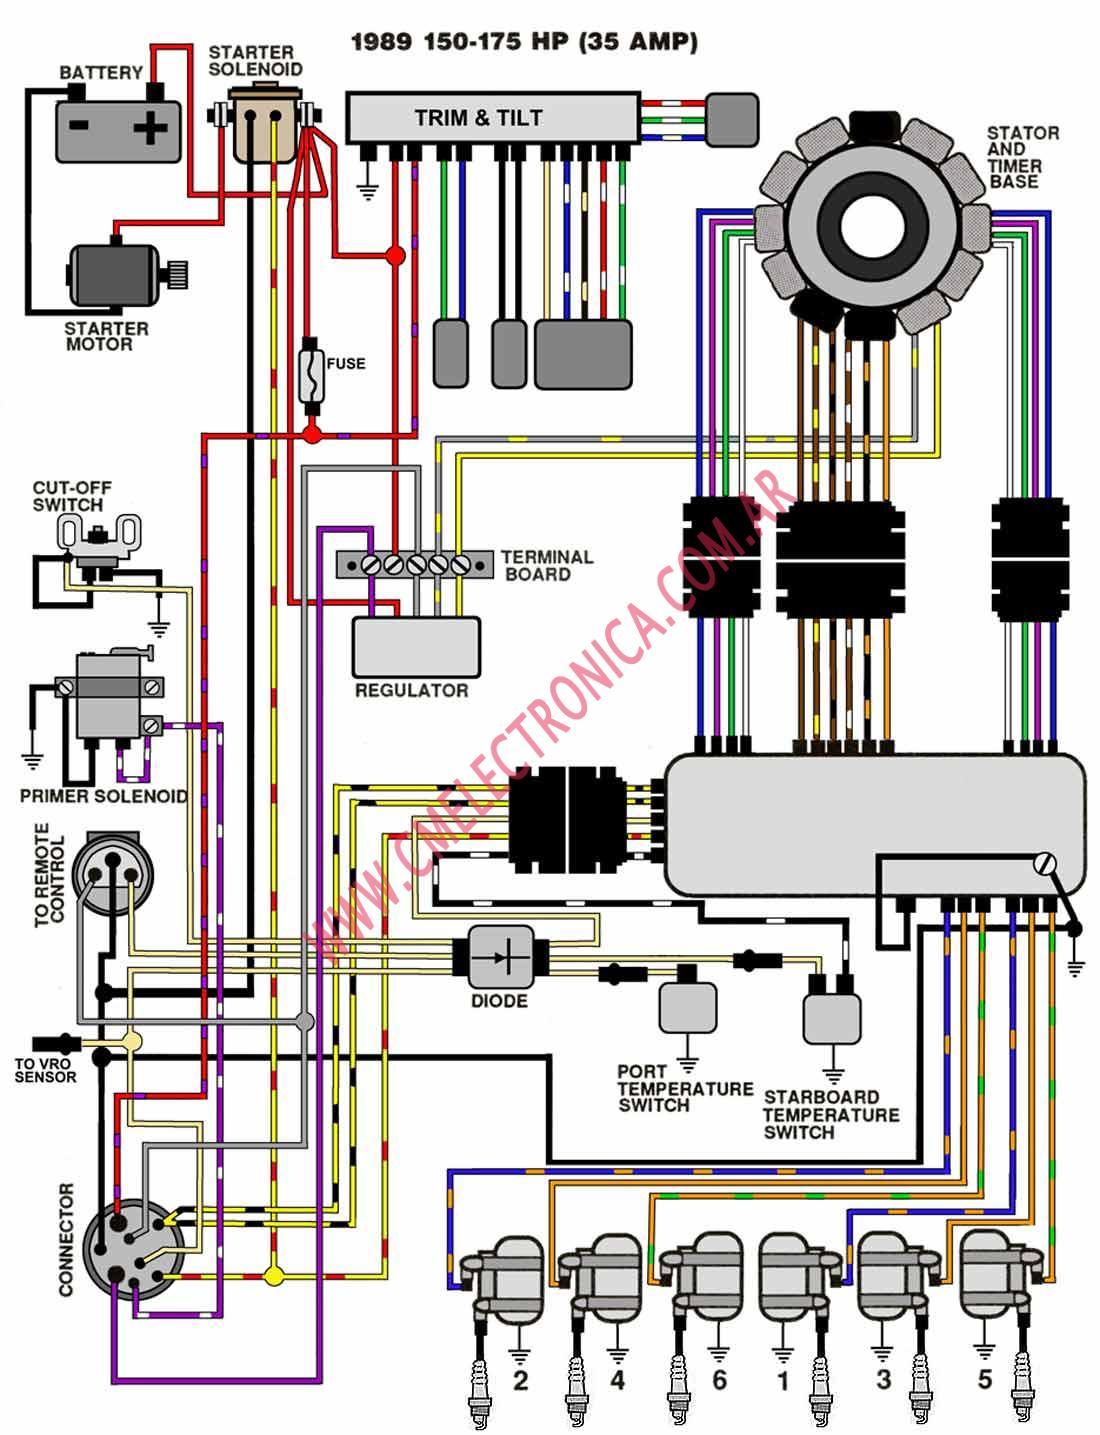 Diagrama Evinrude Johnson 1989 89 150 175 35 A